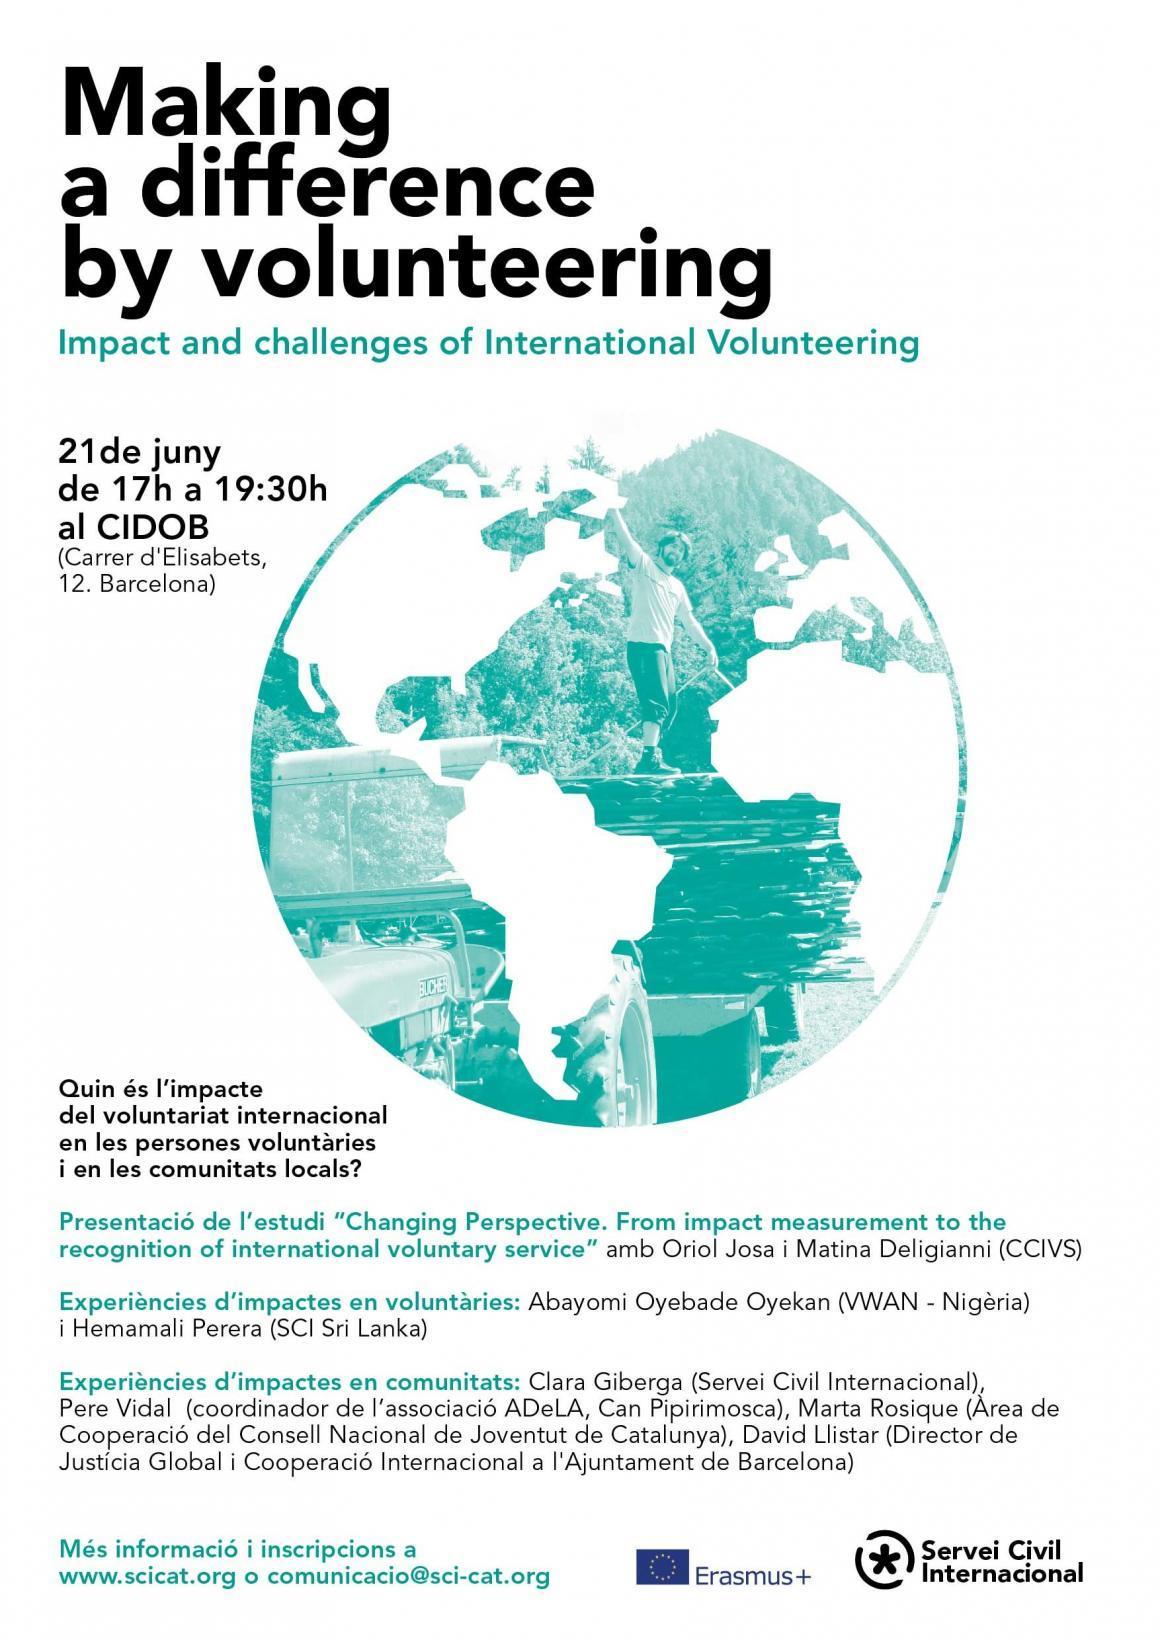 Quin és l'impacte del voluntariat internacional?